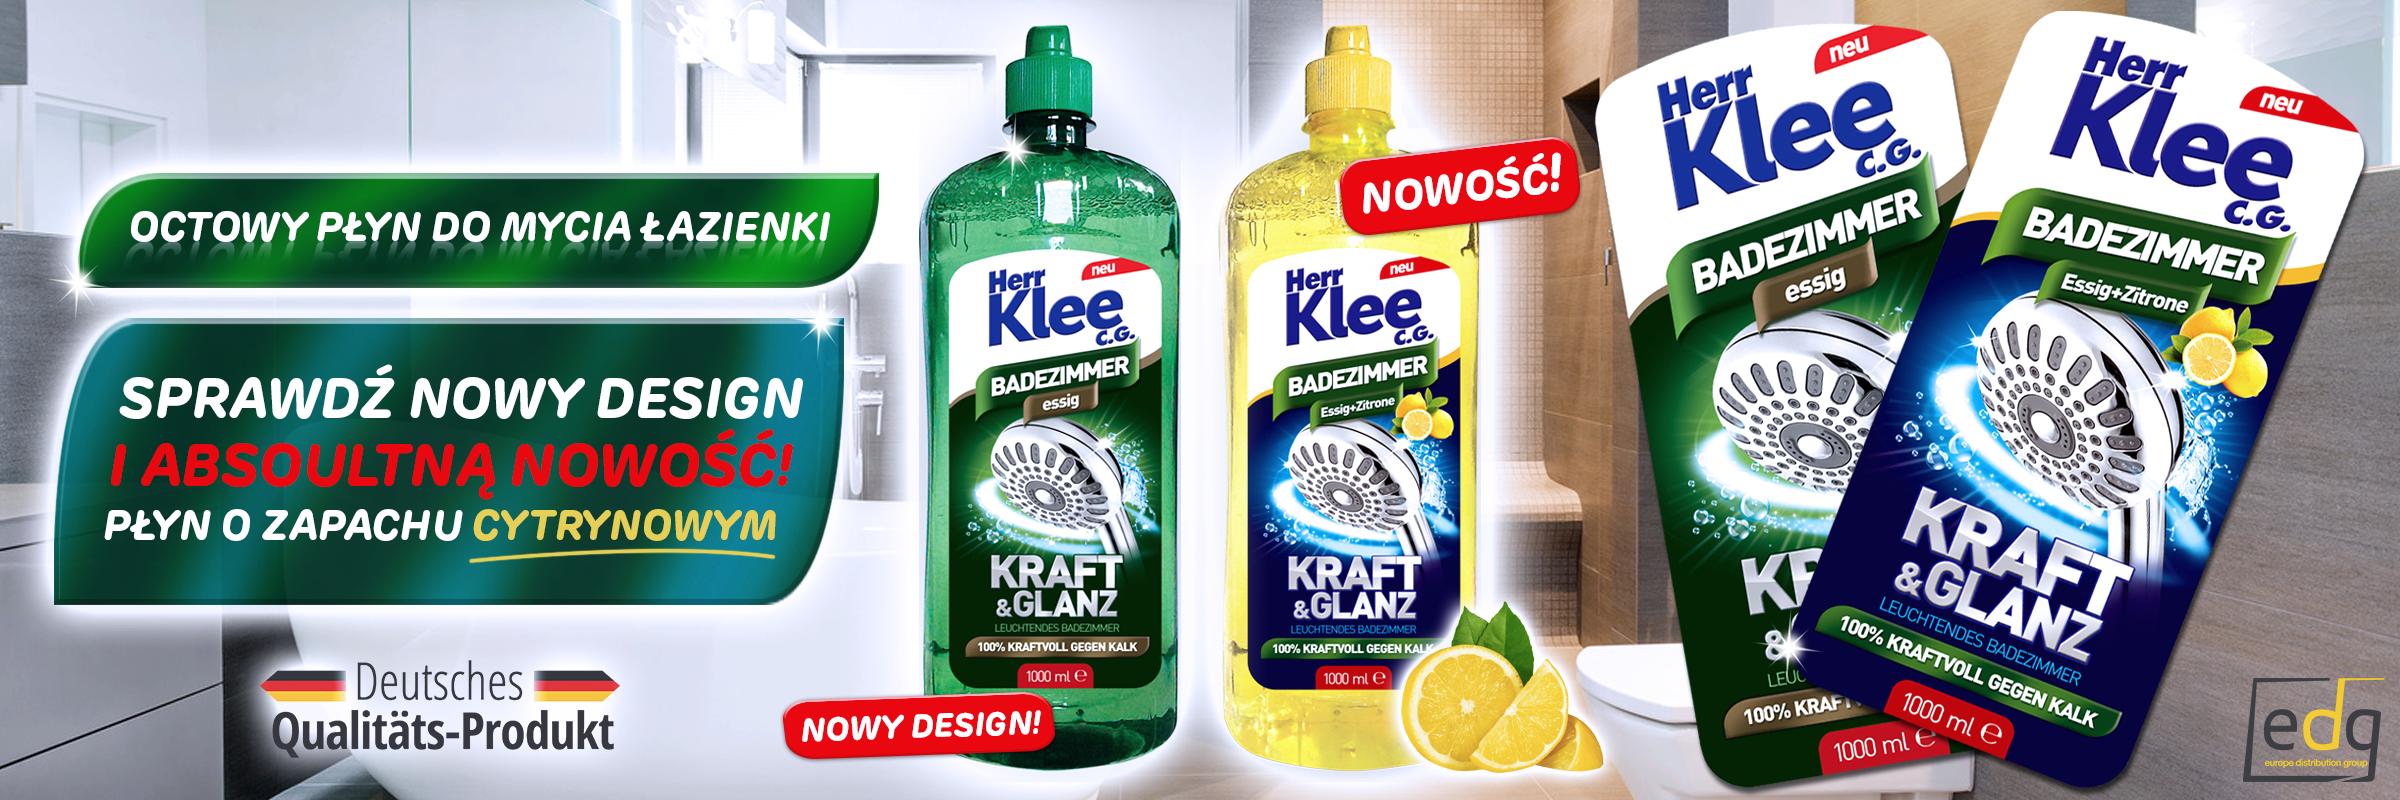 Nowość! Octowy płyn do mycia łazienki Herr Klee C.G. o zapachu cytryny!